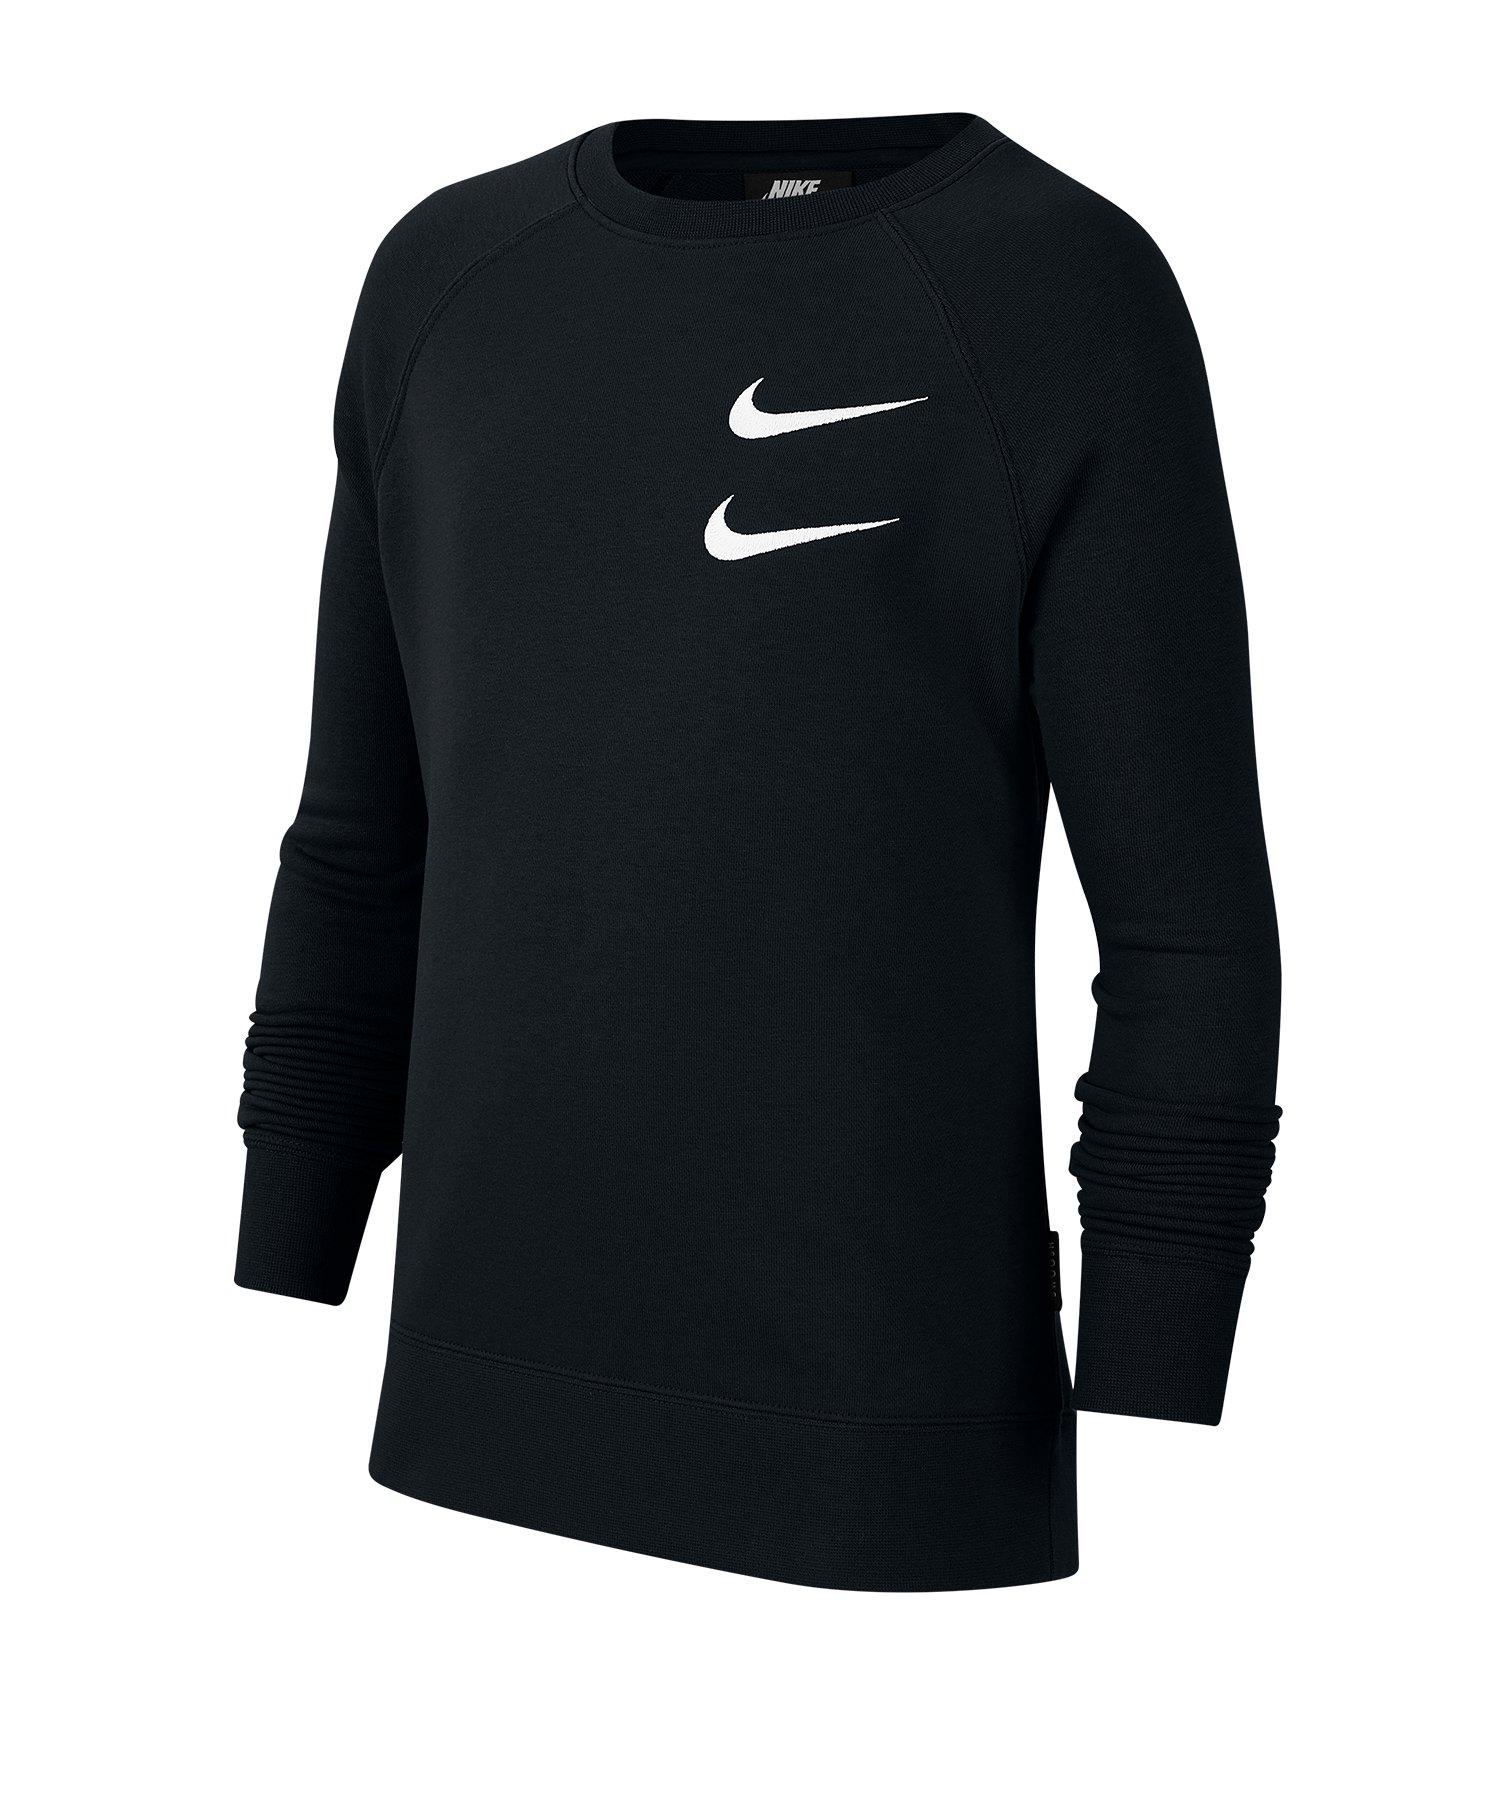 Nike Swoosh Crew Sweatshirt Kids Schwarz F010 - schwarz